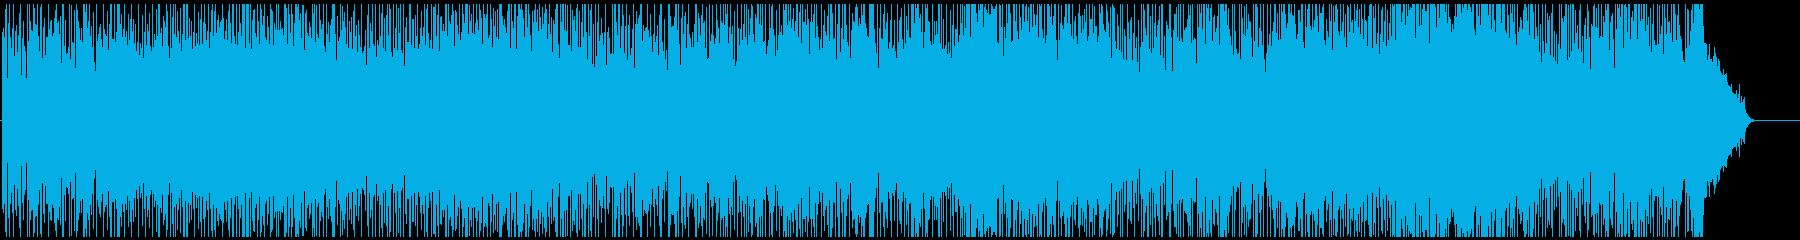 軽快 さわやか いきいき ドライブ 情報の再生済みの波形